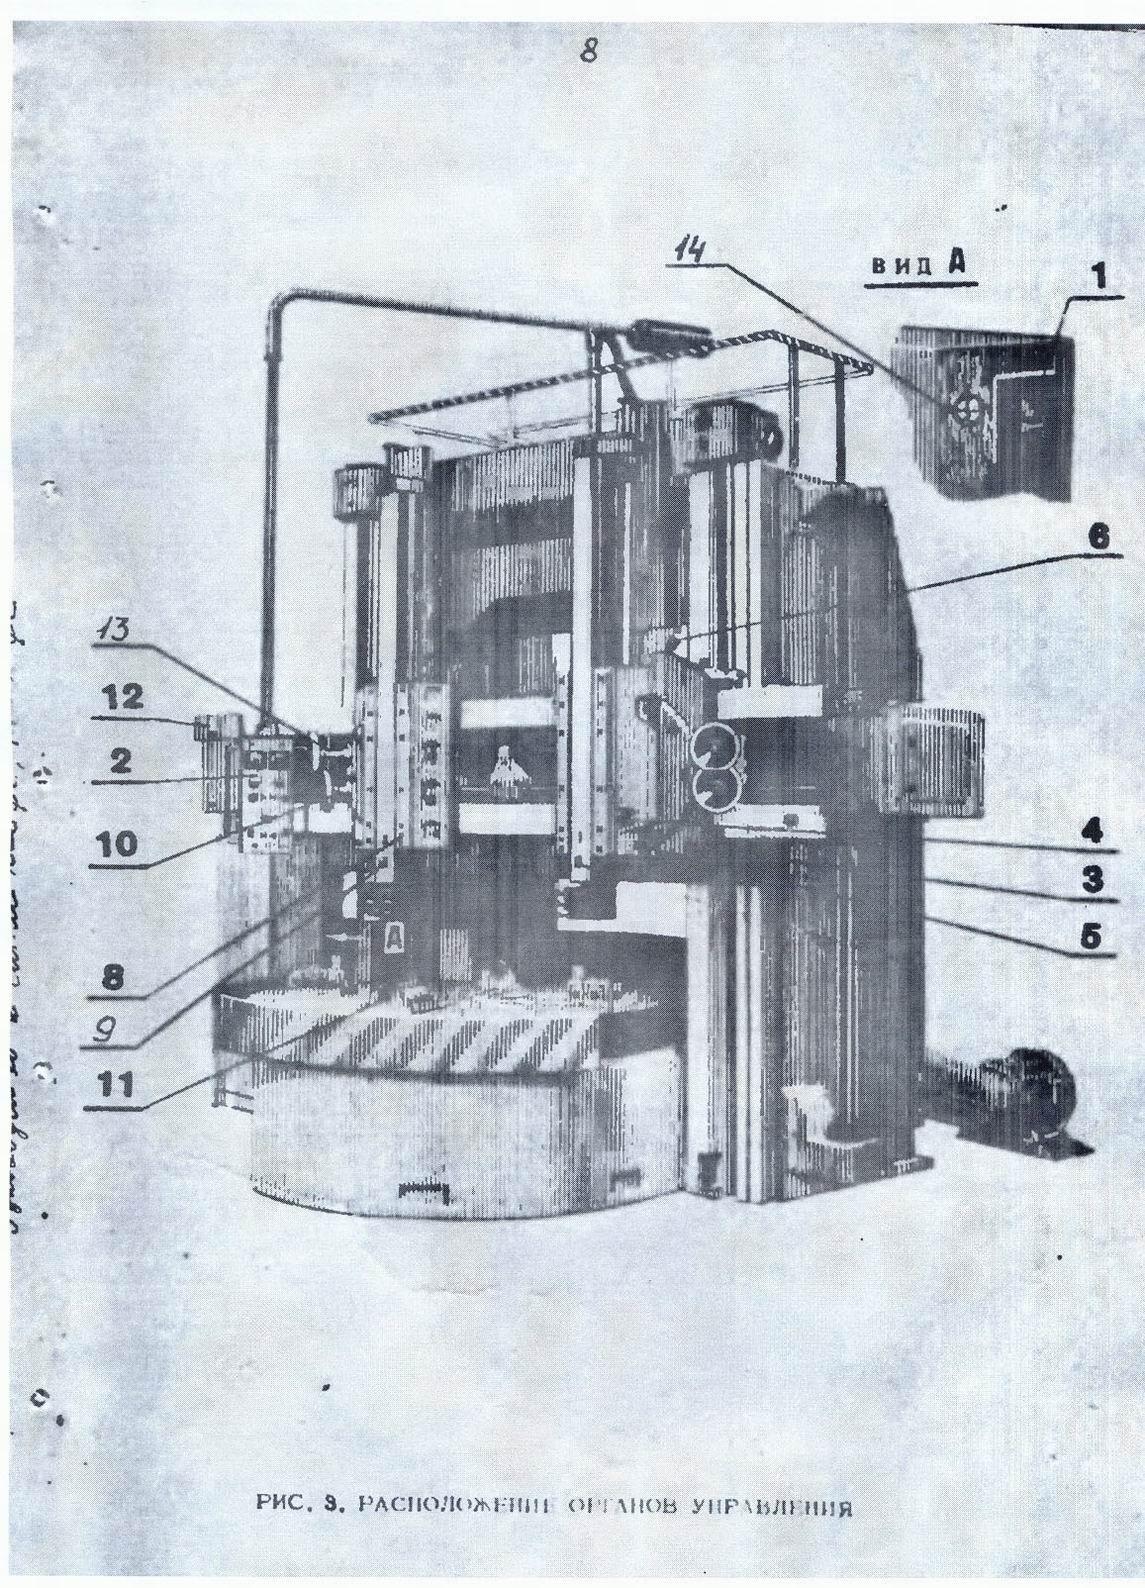 Токарно-карусельный станок 1516 — технические характеристики, паспорт